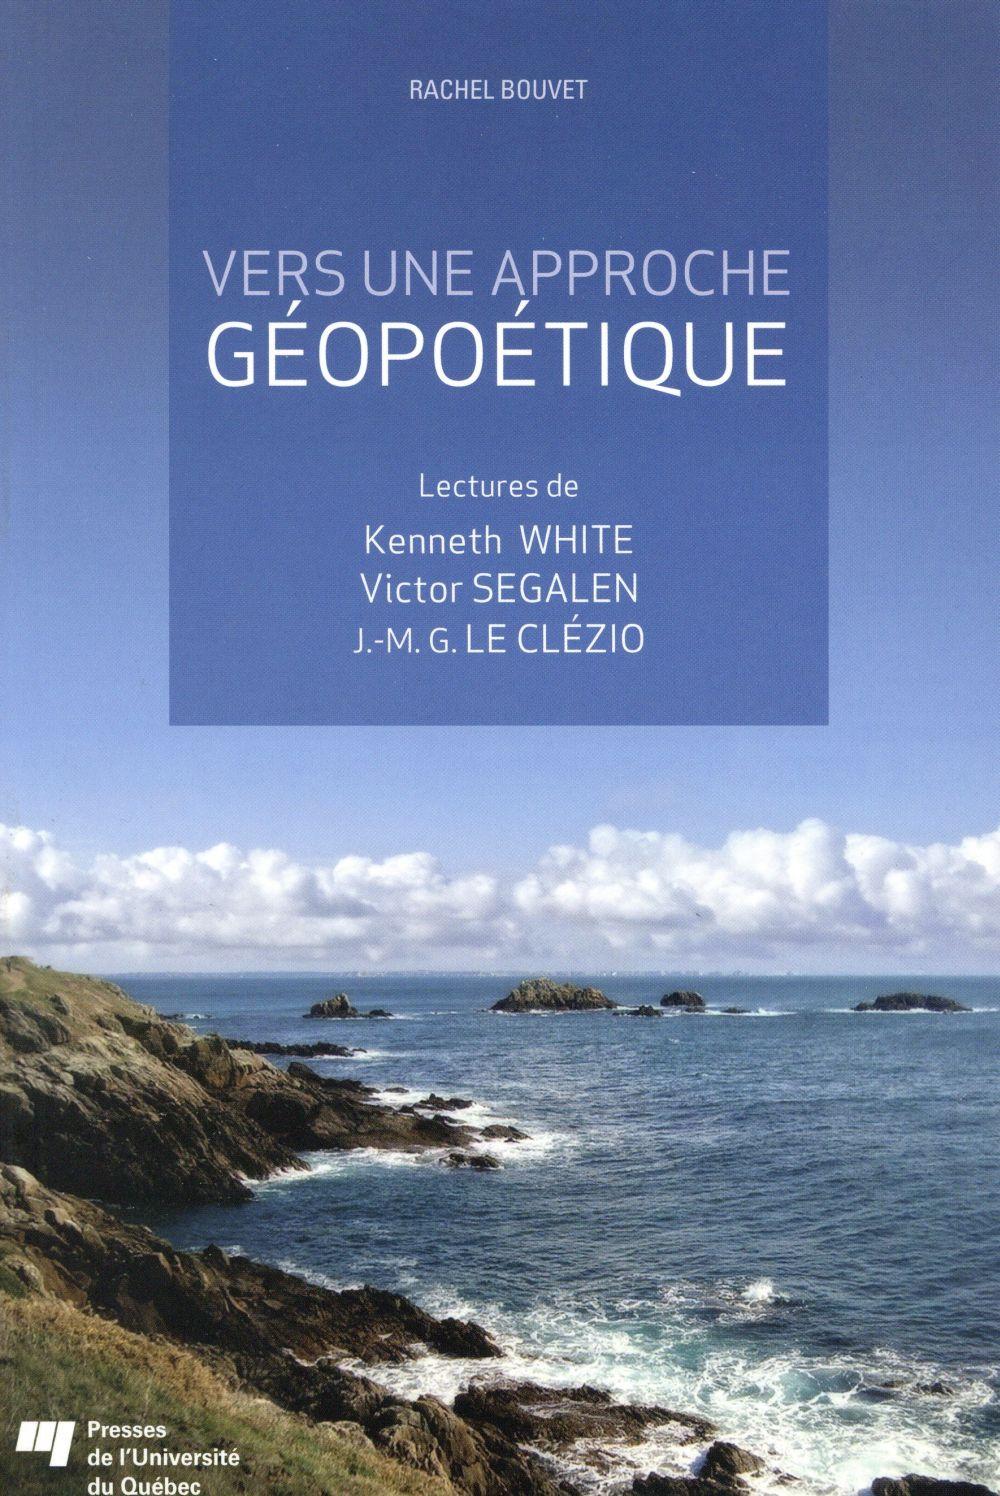 Vers une approche géopoétique, Lectures de Kenneth White, de Victor Segalen et de J.-M. G. Le Clézio